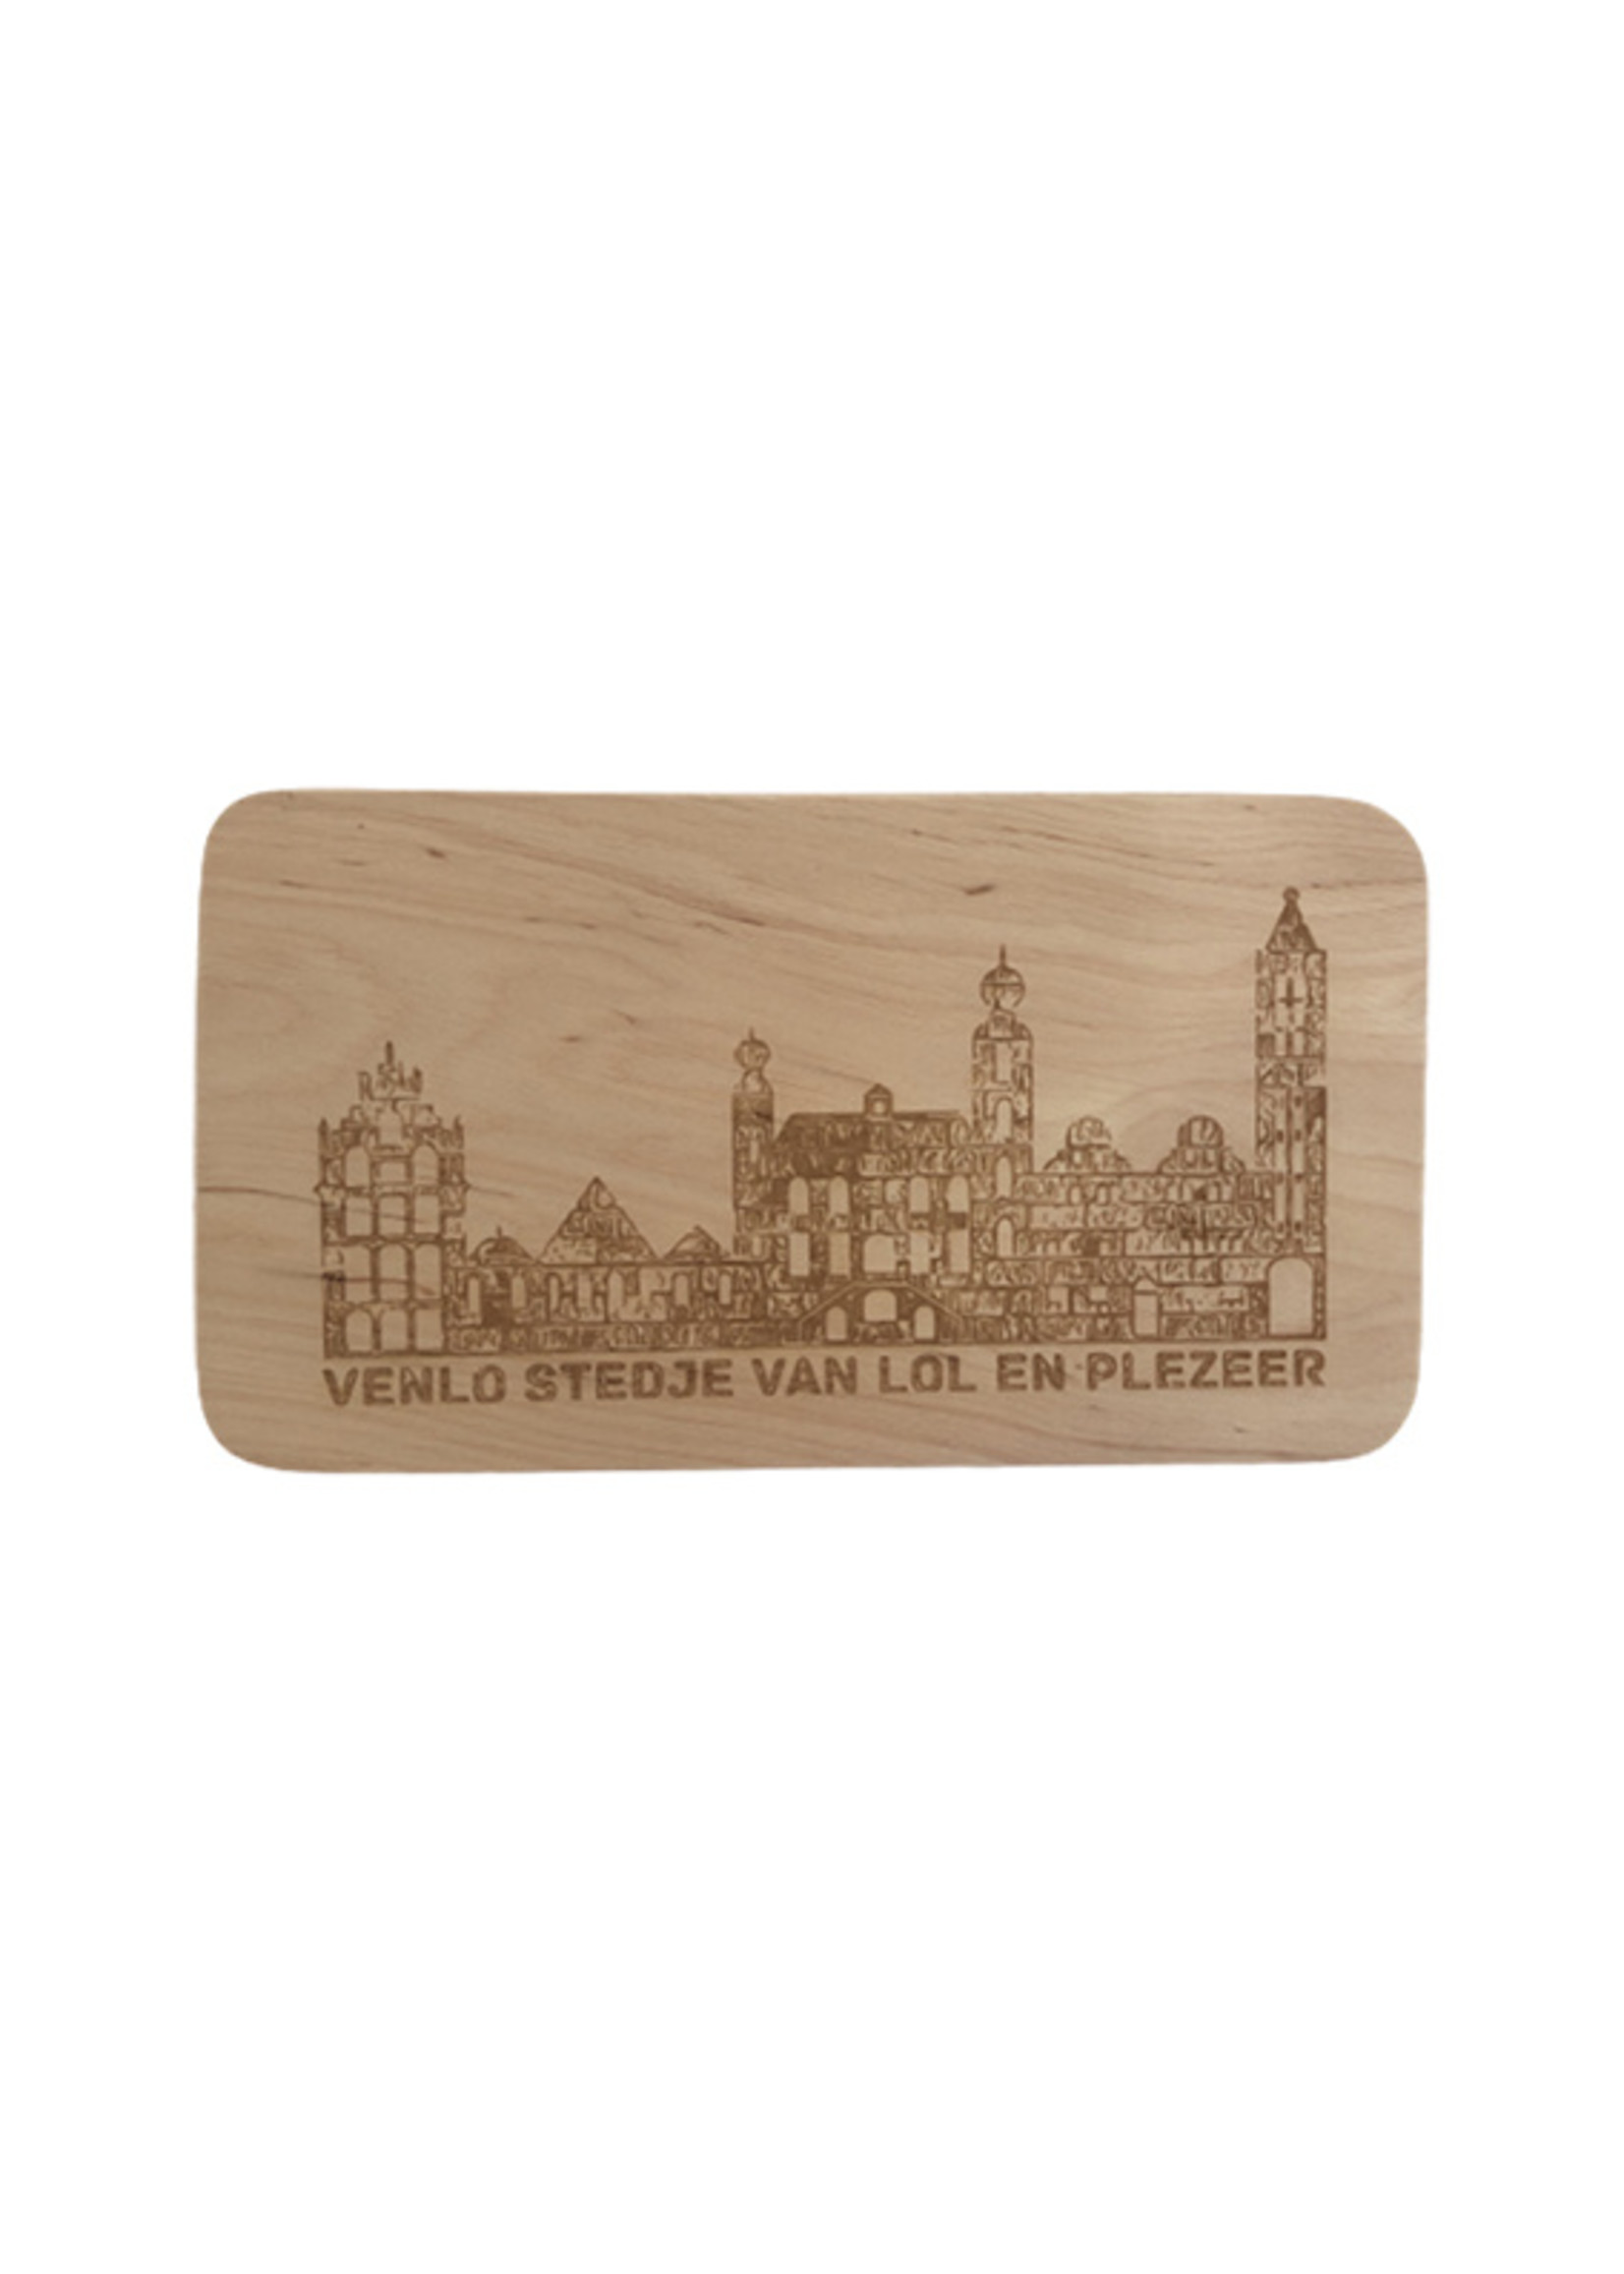 Houten broodplank met de skyline van Venlo